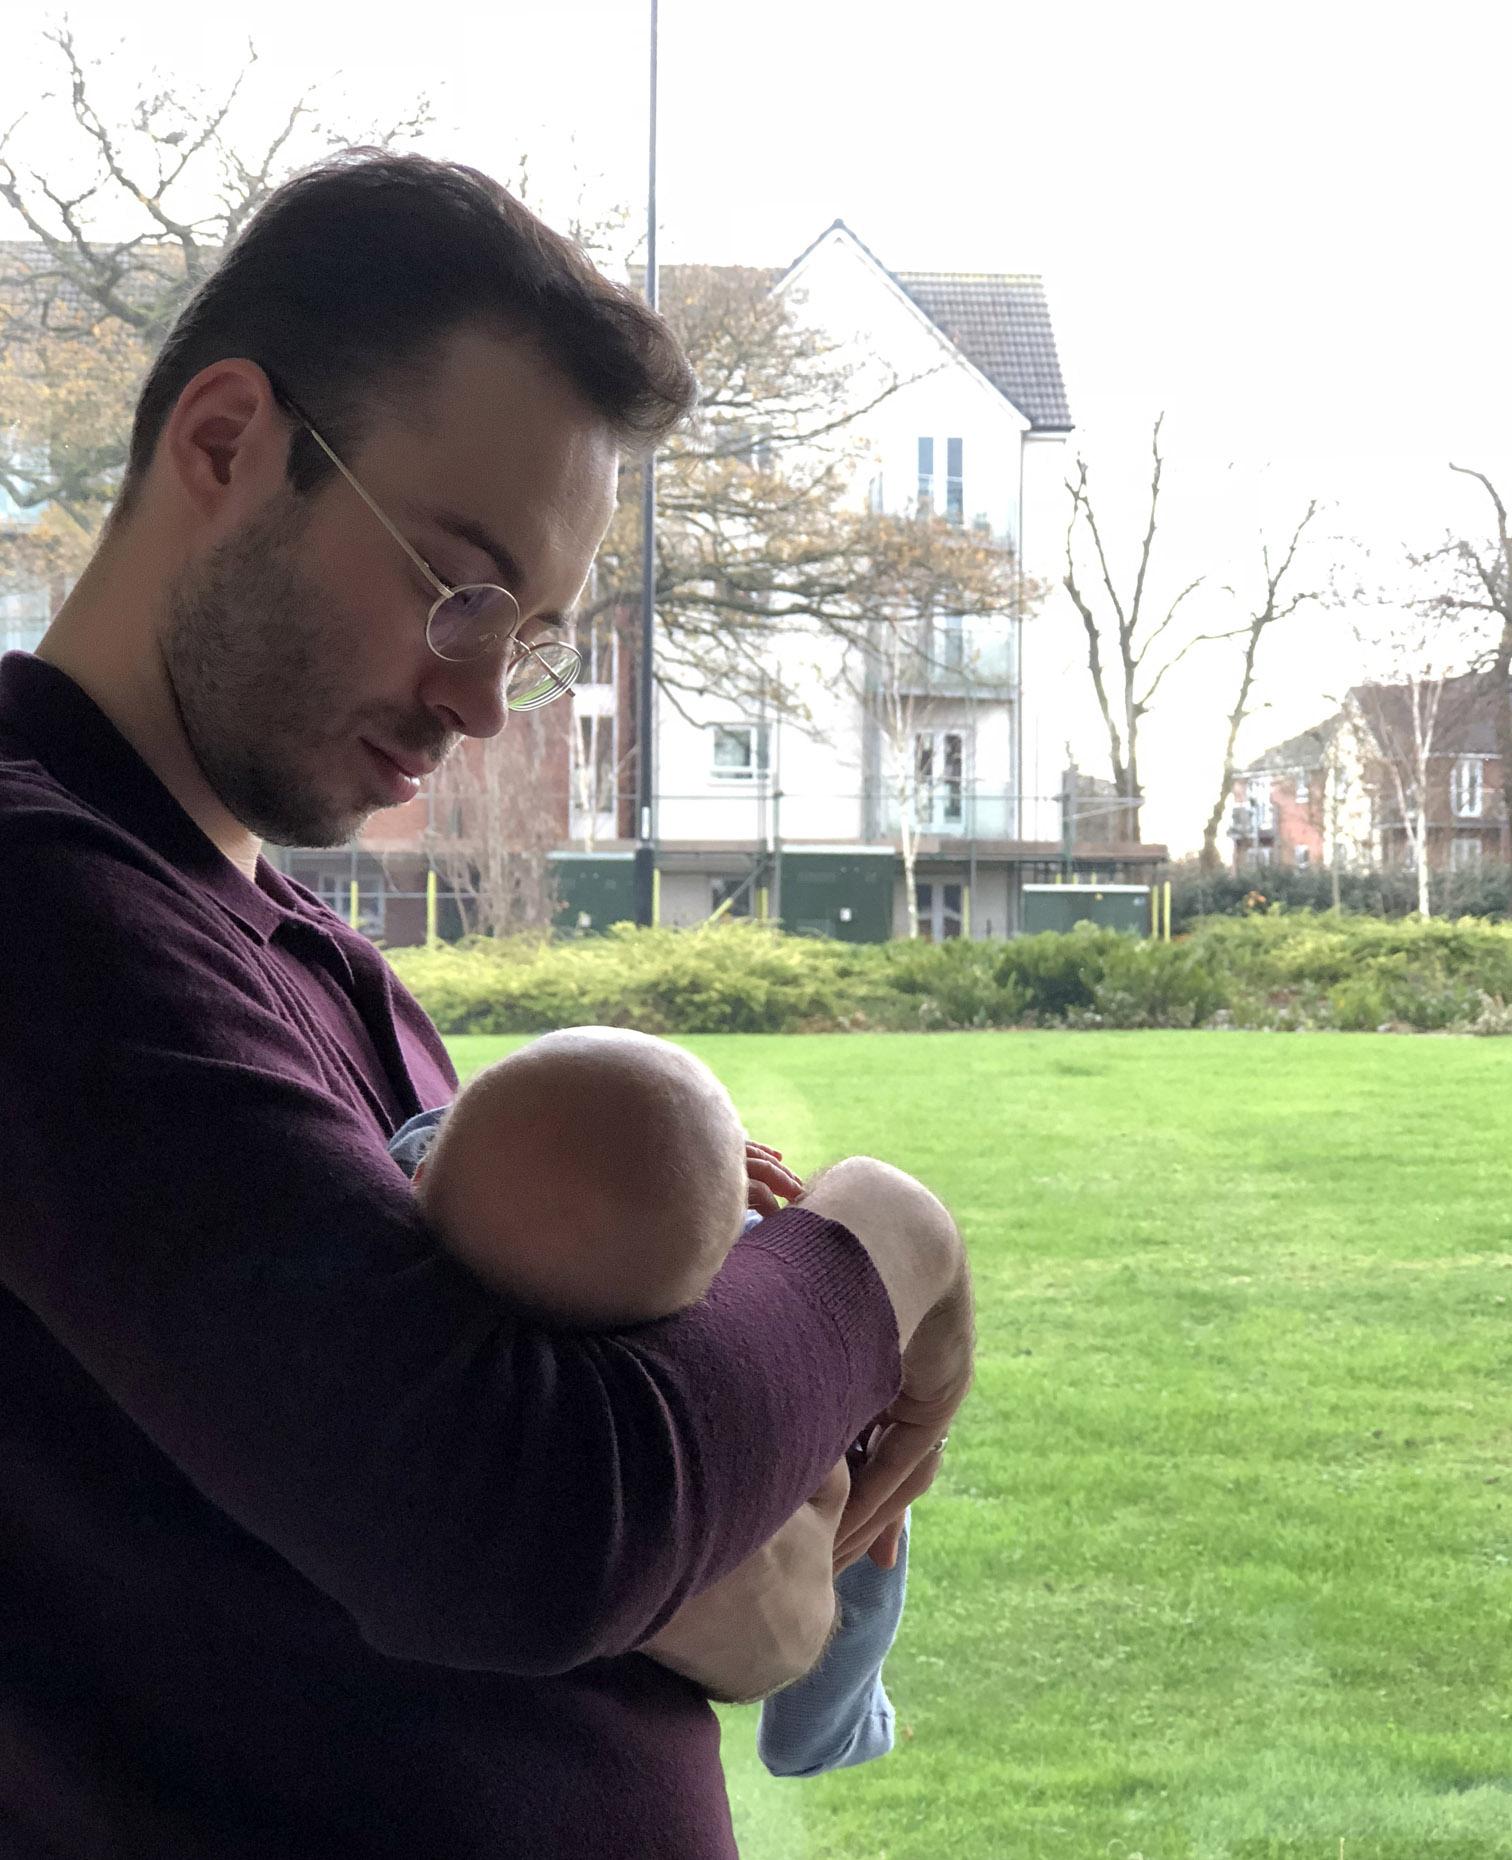 narodziny pierwszego dziecka by LONG STORY SHORT